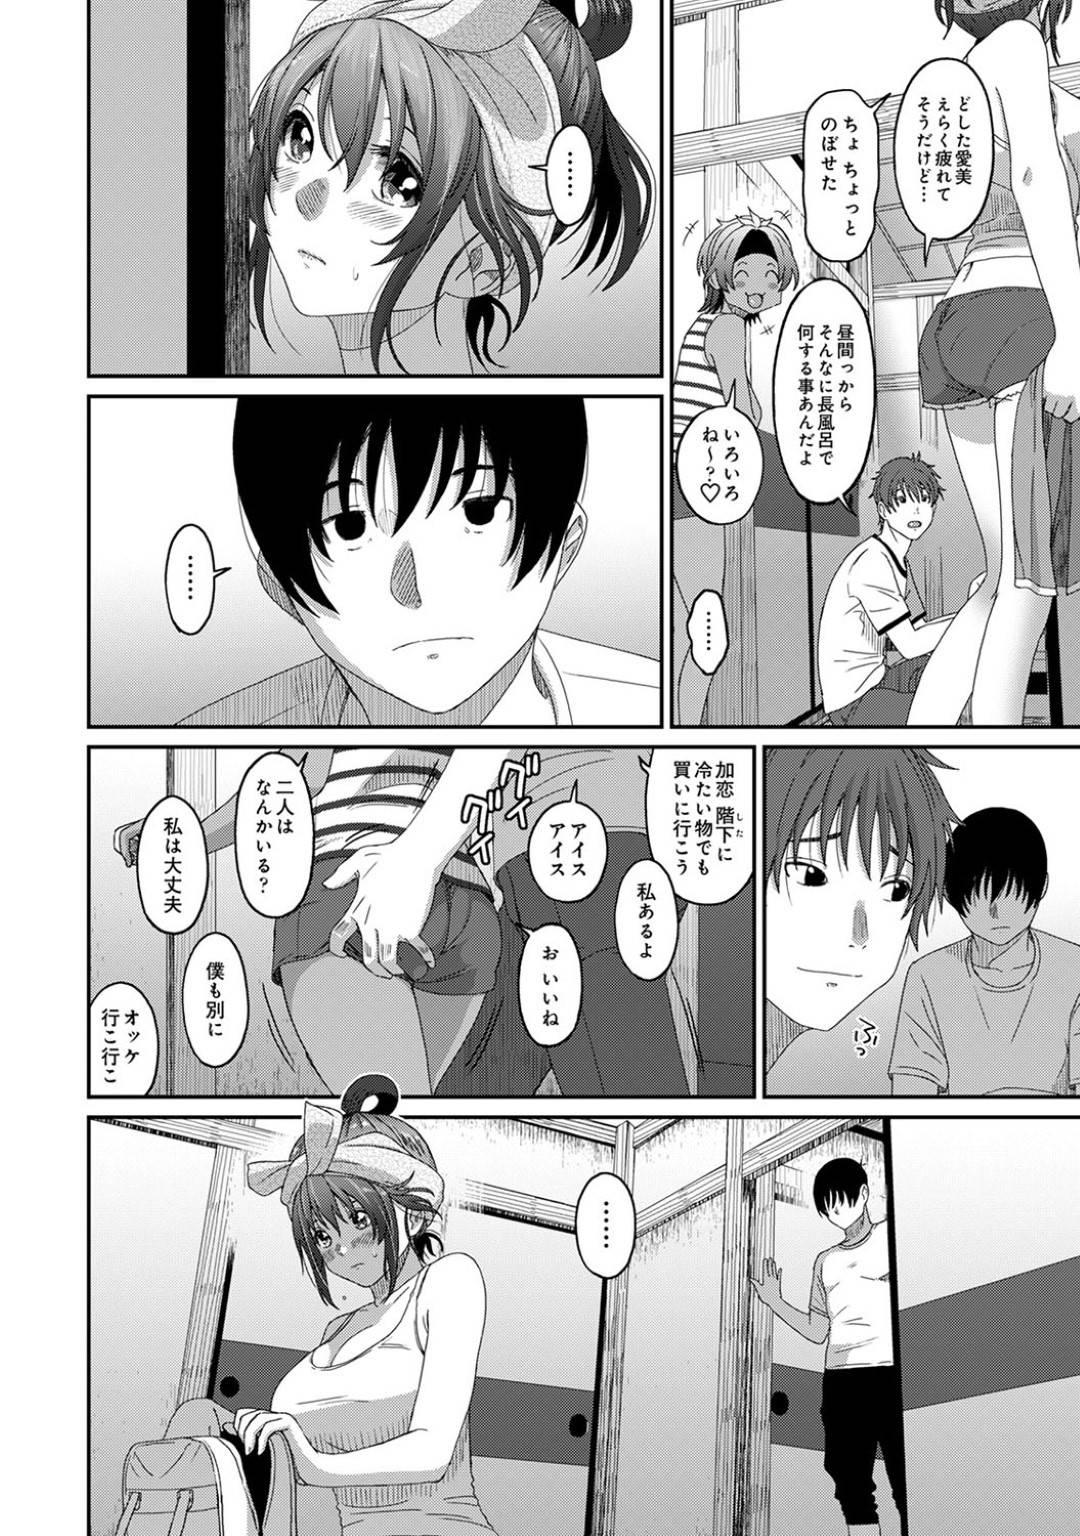 【エロ漫画】小衣が気がかりな相川は、一橋とケンカをして抜けガラ状態に。そんな中、小衣が連れてきた友森の存在により状況が一変してしまい!?